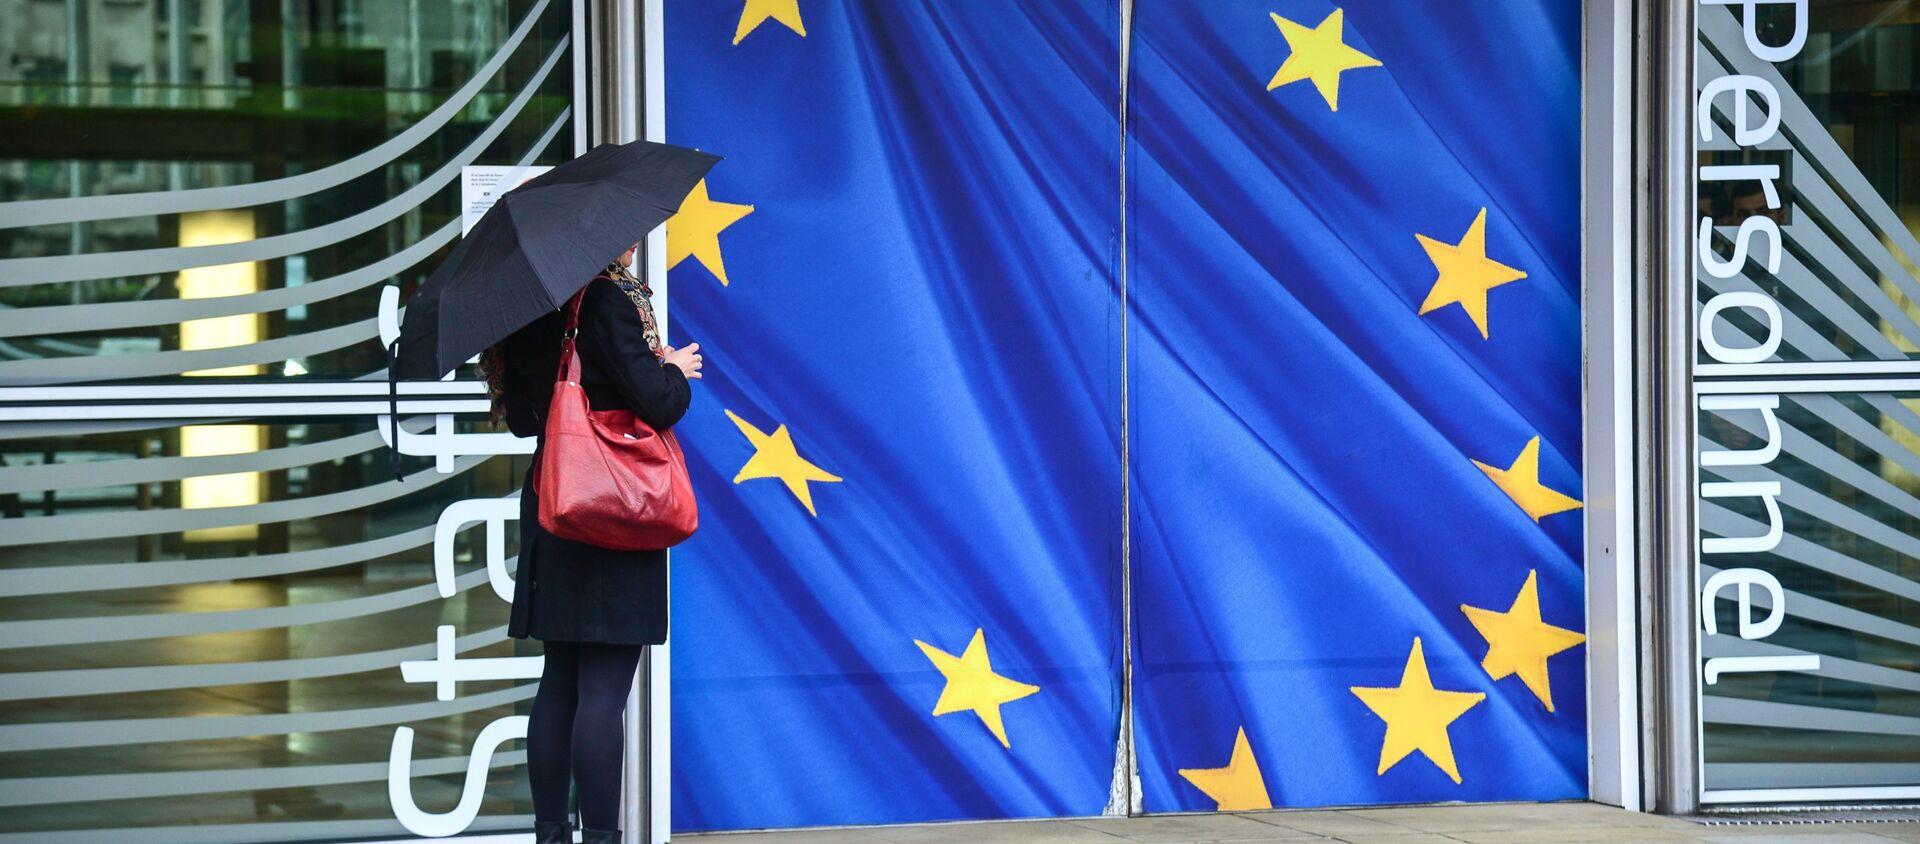 Siège de la Commission européenne, Bruxelles - Sputnik France, 1920, 10.08.2021